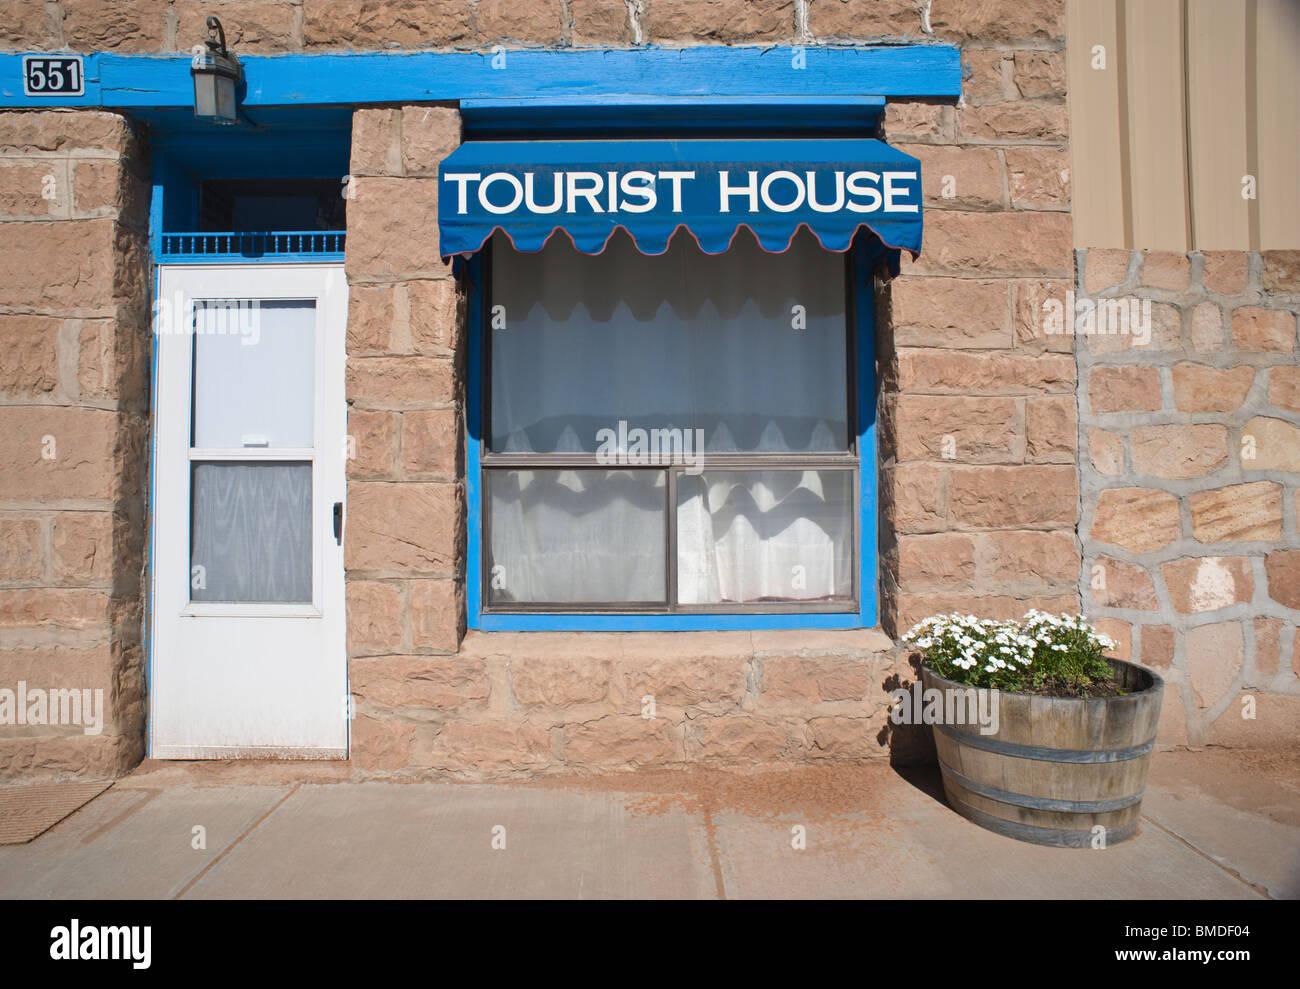 Il Tourist House lungo la storica strada principale di Corona, Nuovo Messico. Immagini Stock